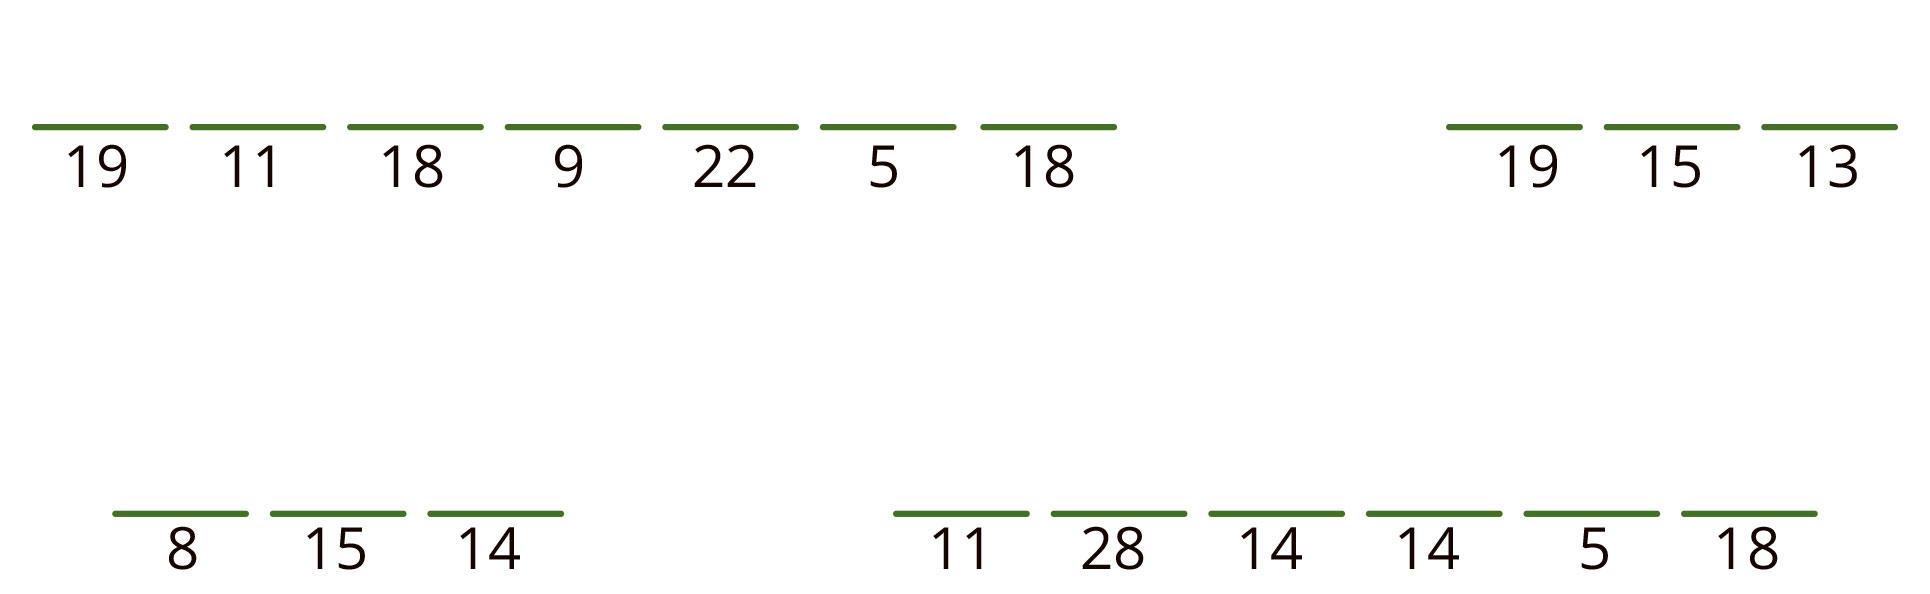 19 11 18 9 22 5 18 nytt ord 19 15 13 nytt ord 8 15 14 nytt ord 11 28 14 14 5 18